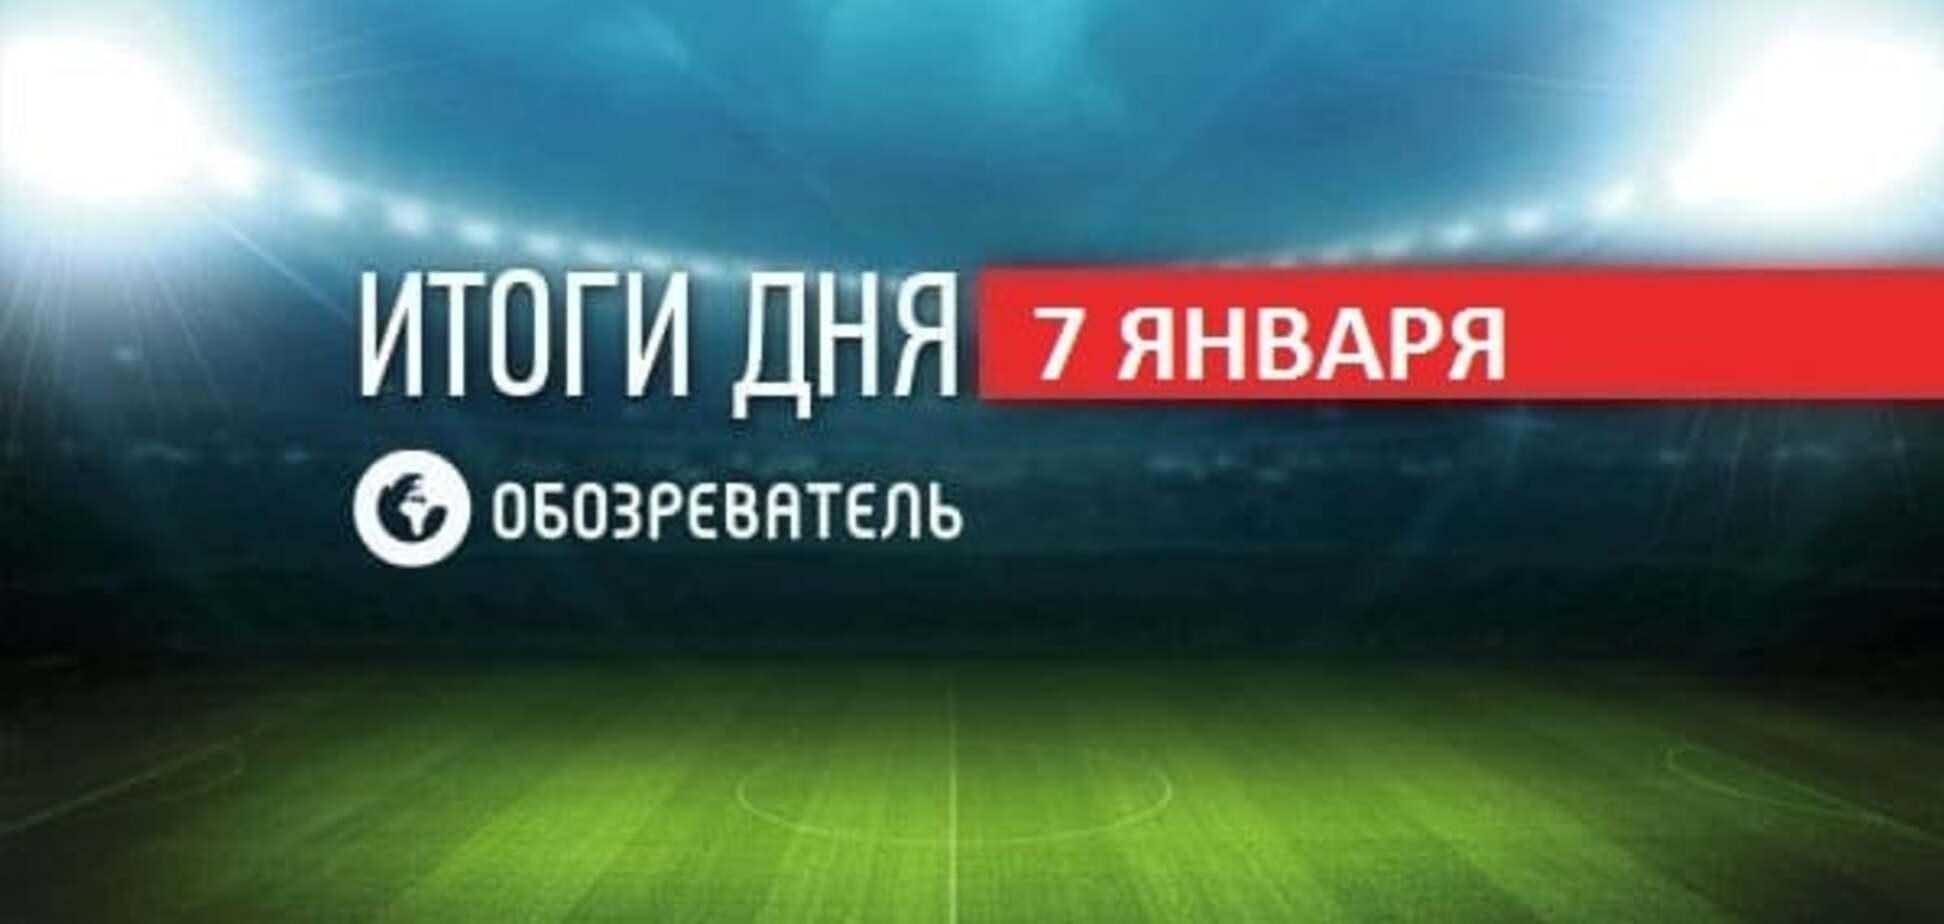 Український футболіст зіграє за Росію. Спортивні підсумки за 7 січня